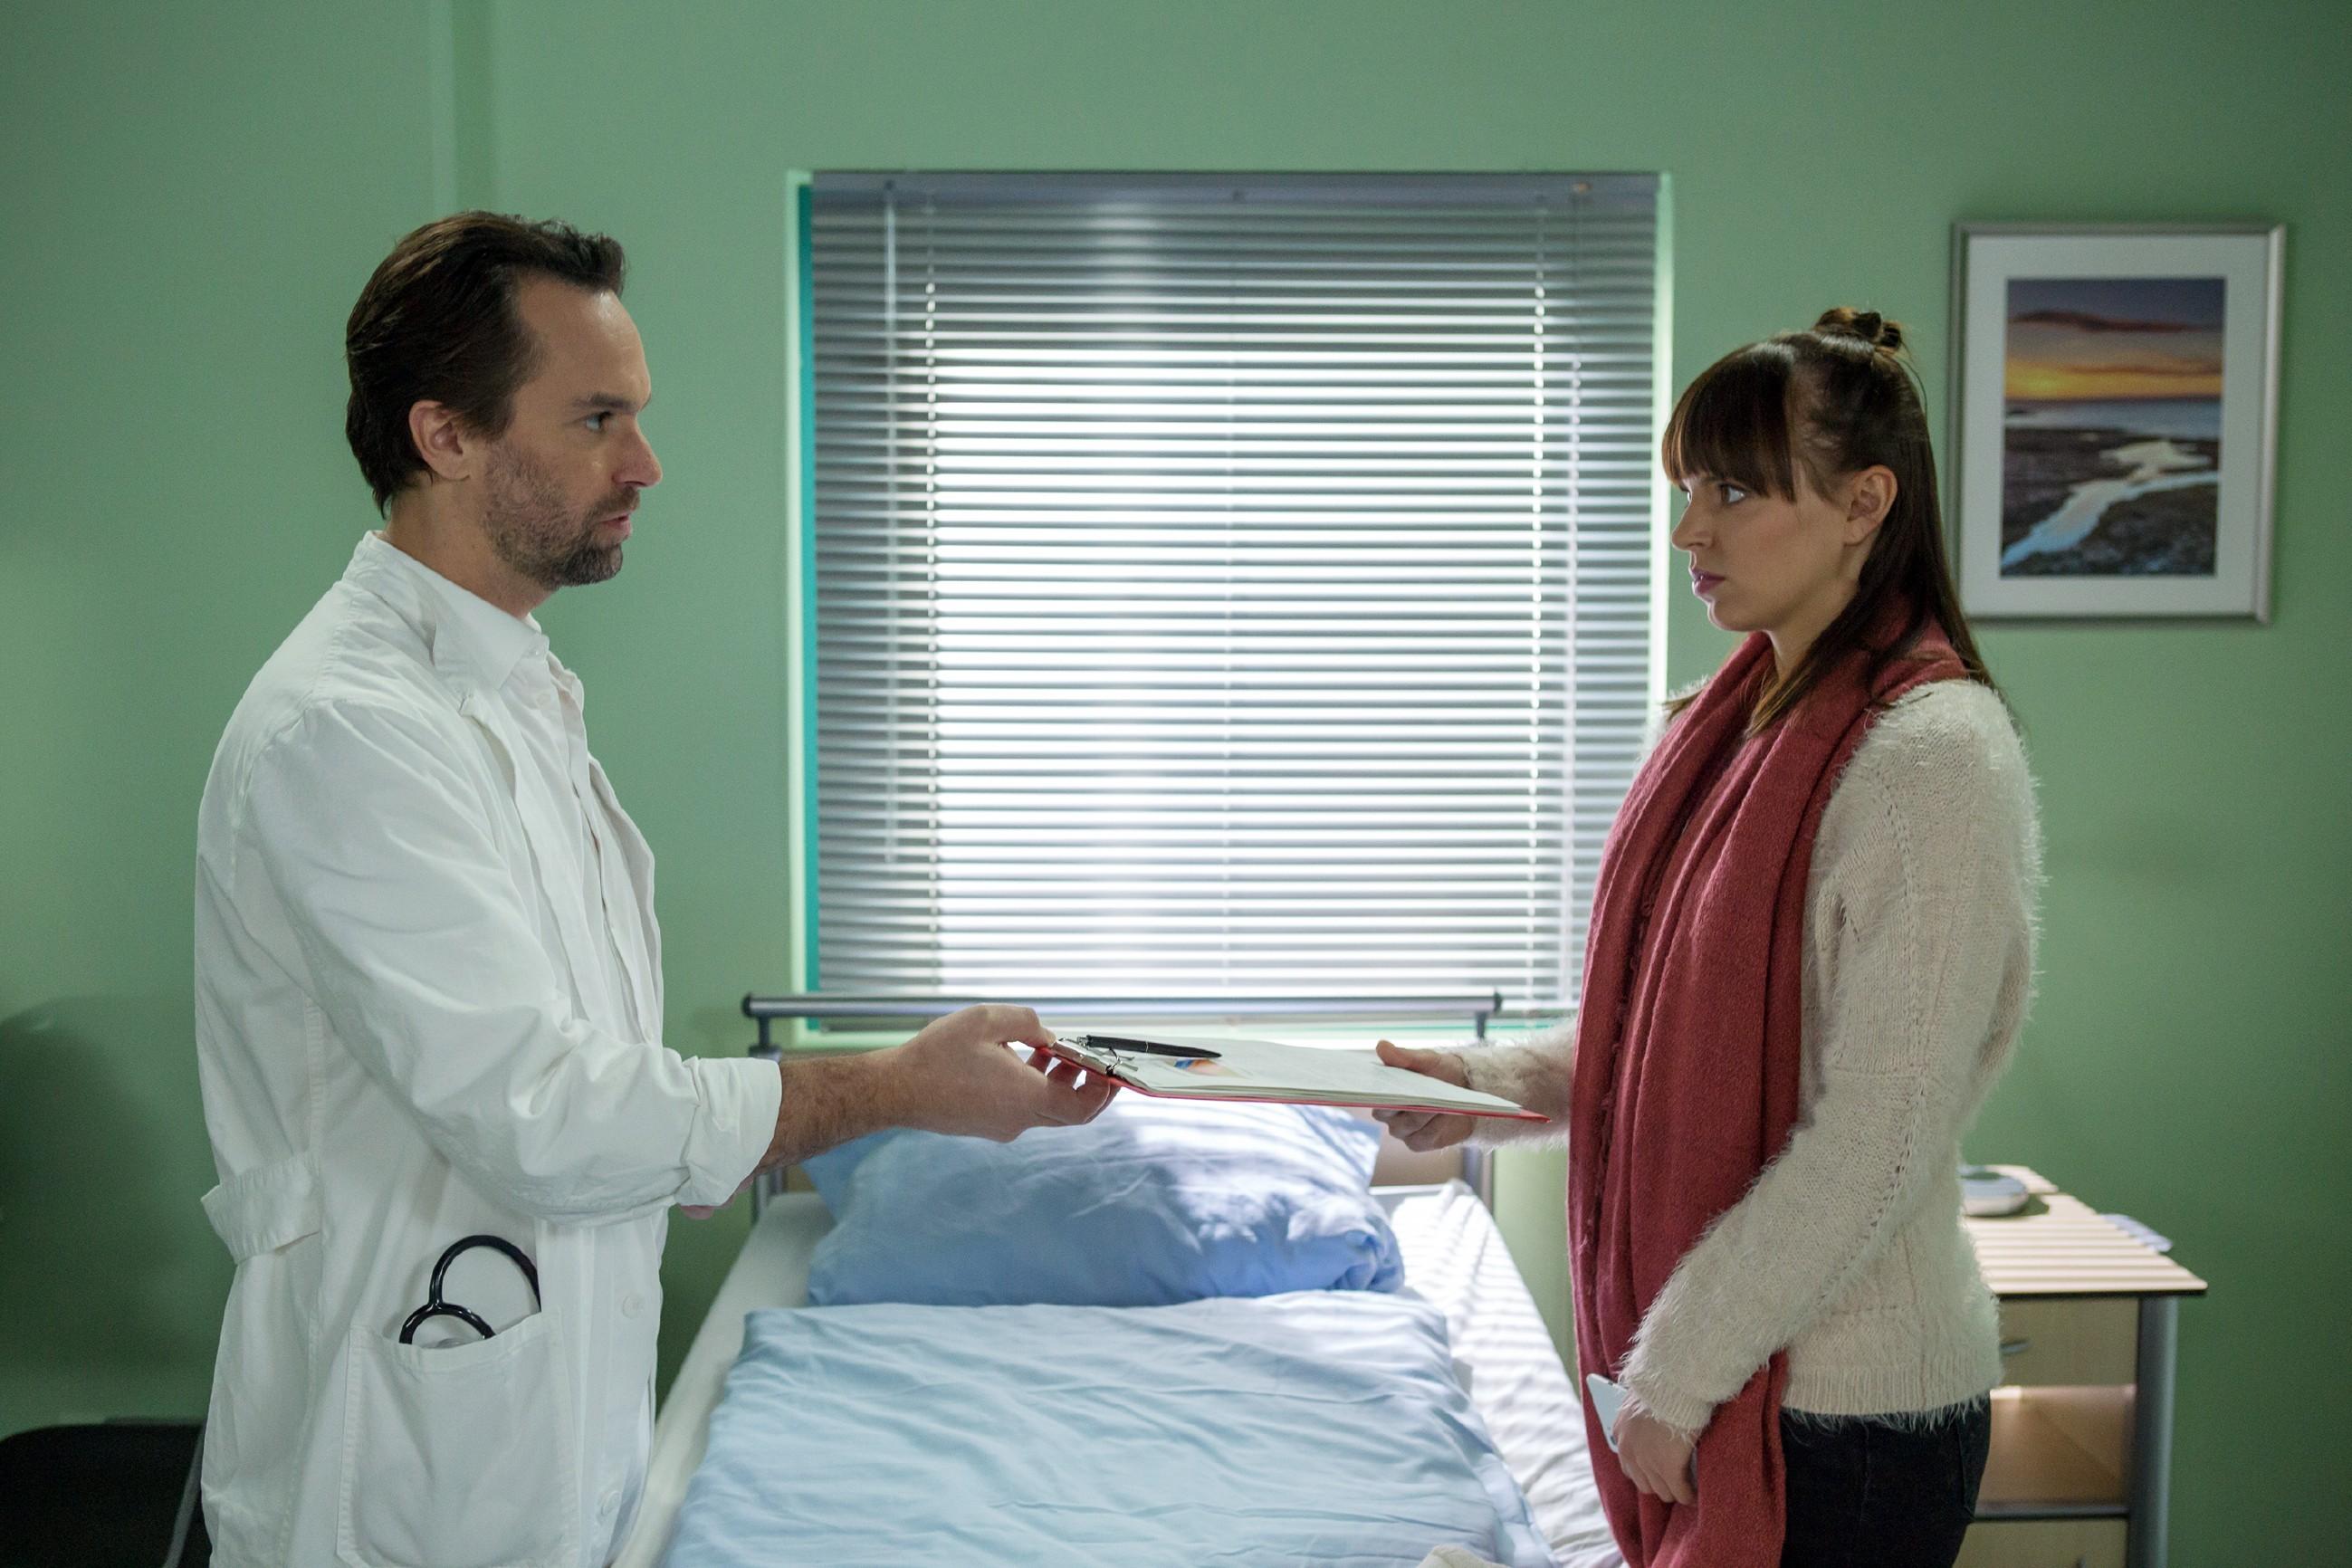 Als Thomas (Daniel Brockhaus) sie über die bevorstehende OP aufklärt, hält Michelle (Franziska Benz) trotz ihrer Ängste an ihrem Entschluss fest: Sie wird Vincent ihre Niere spenden. (Quelle: RTL / Michael Böhme)